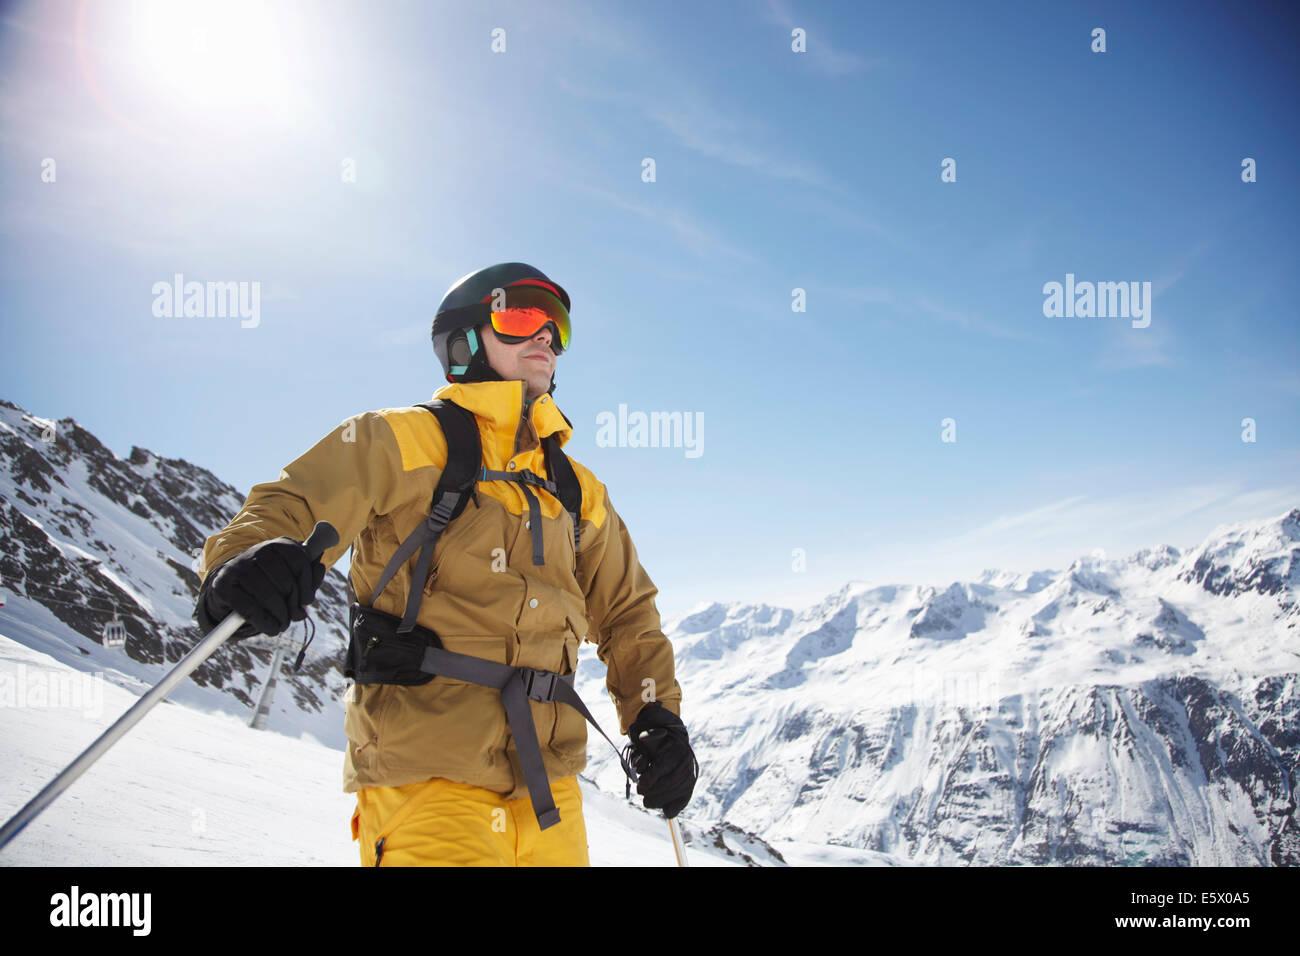 Basso angolo vista di metà maschio adulto sciatore sulla montagna, Austria Immagini Stock